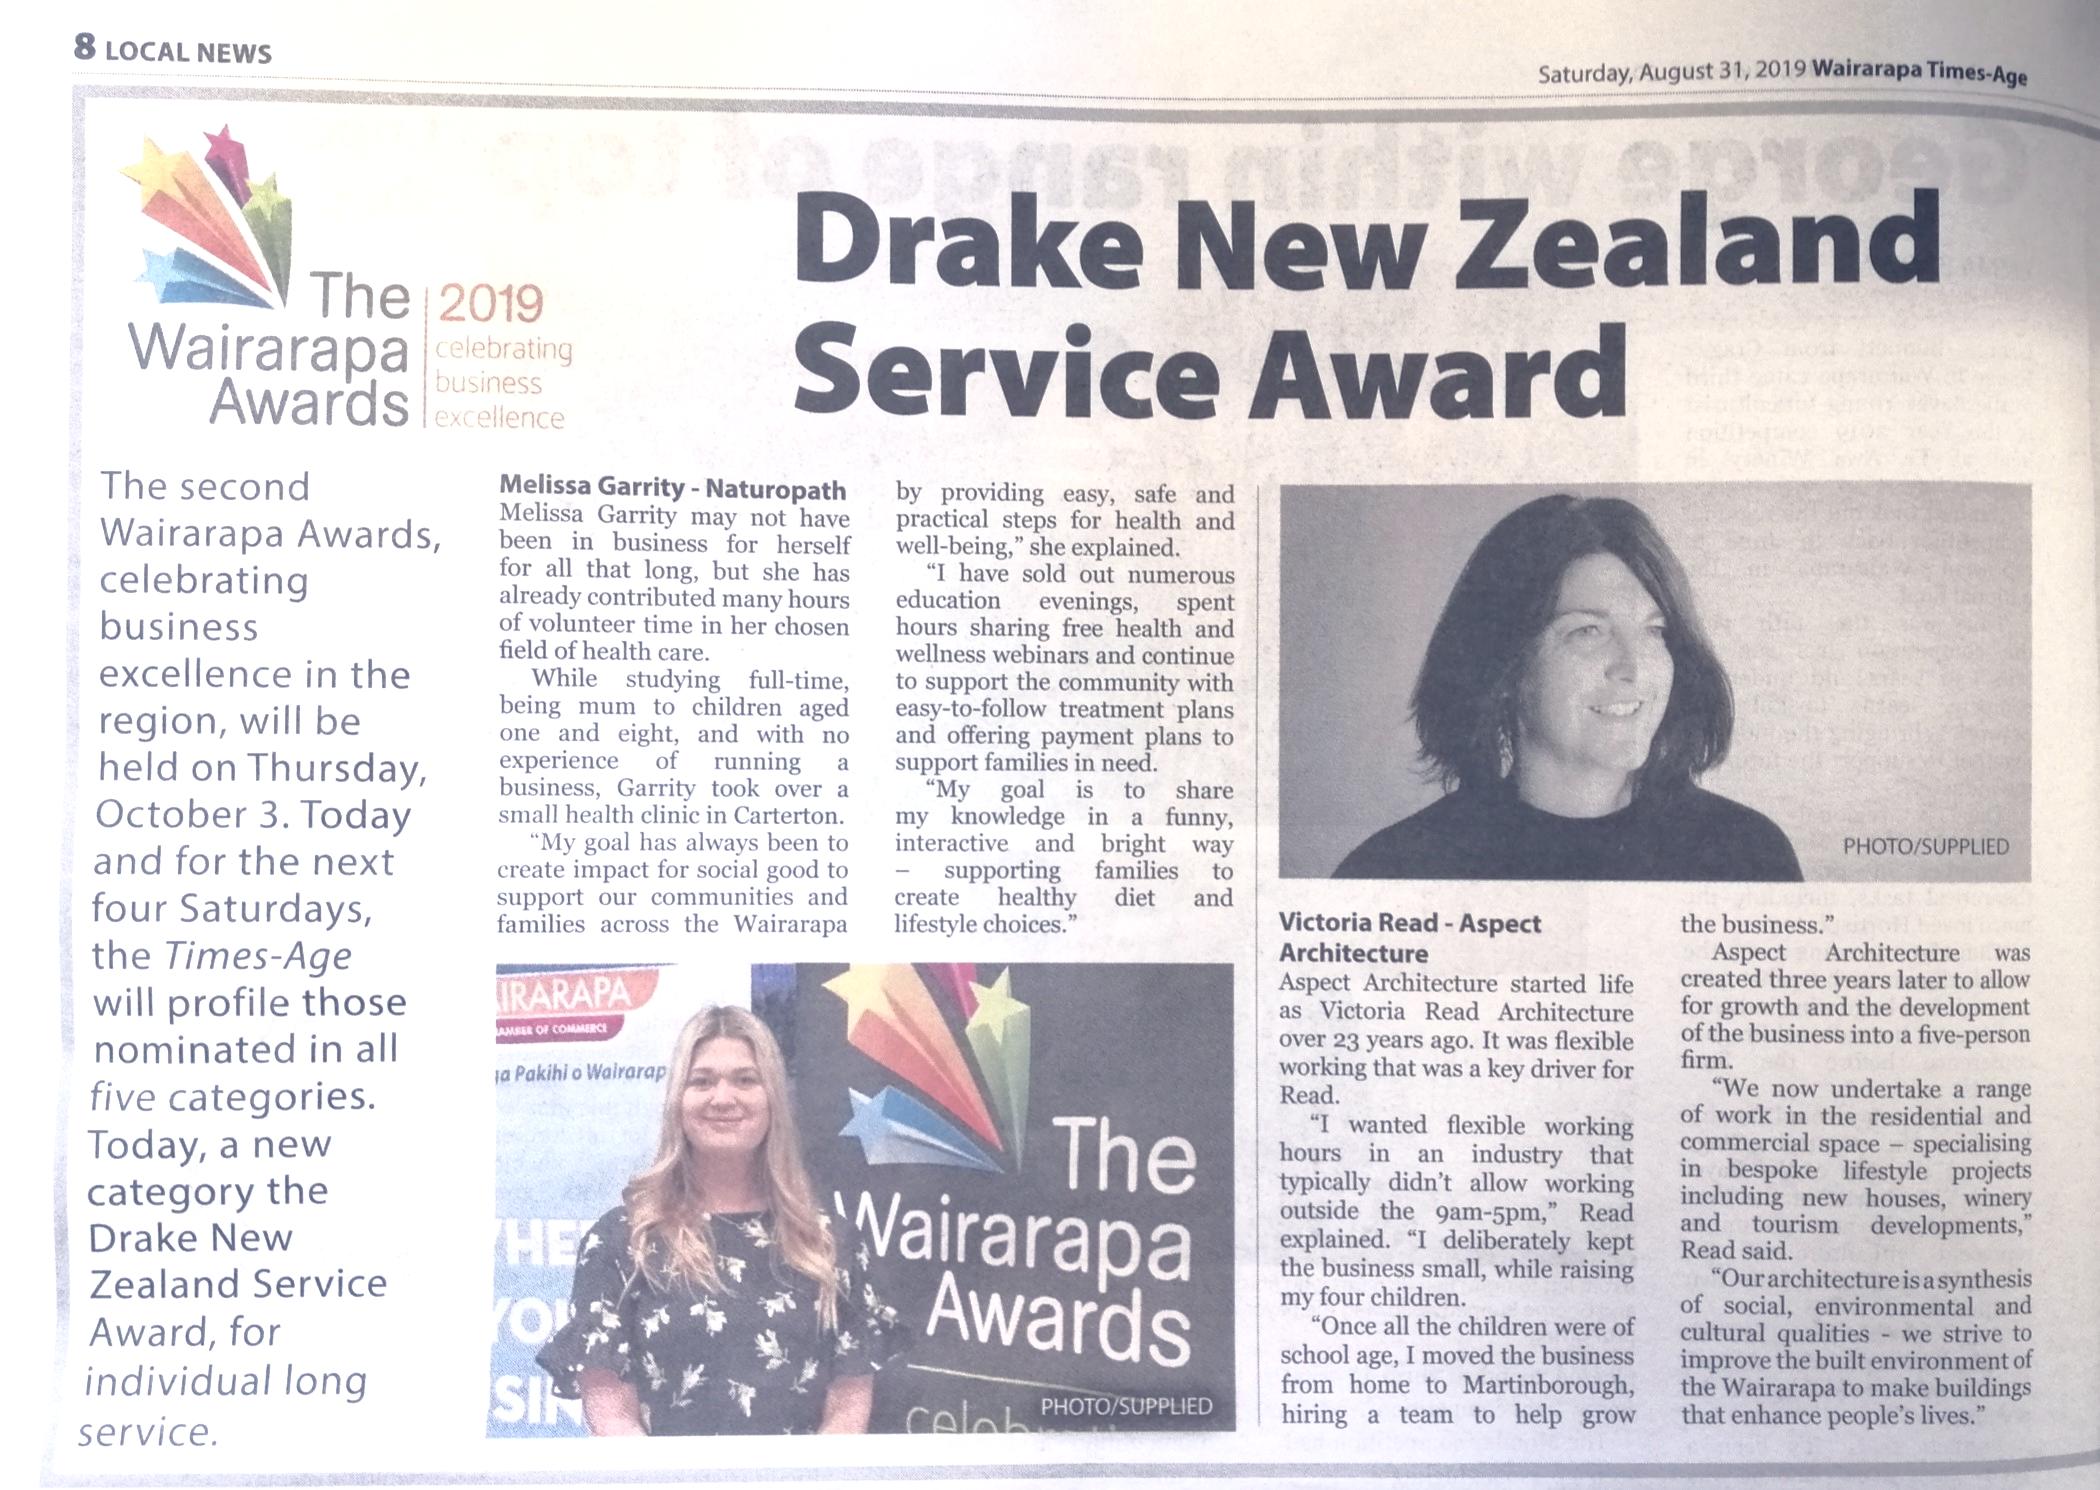 Victoria Read Service Award